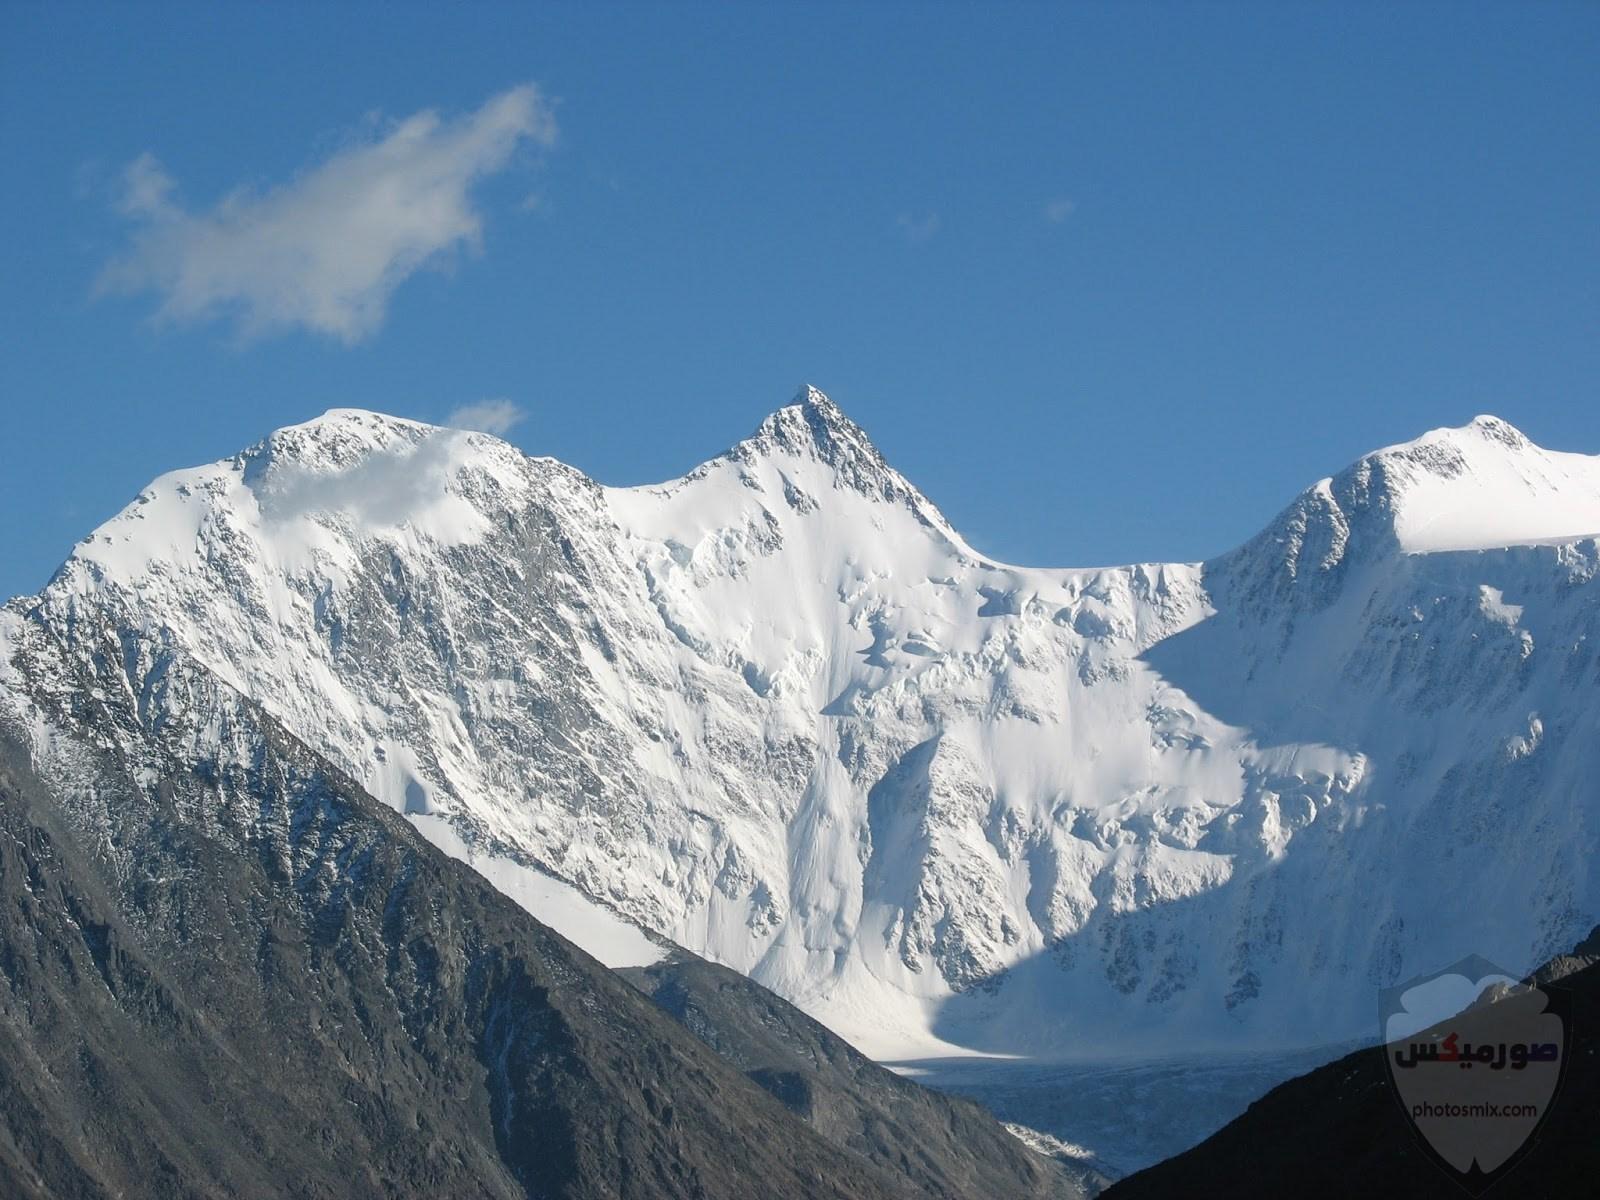 صور جبال خلفيات جبال بجودة HD احلي صور الجبال 7